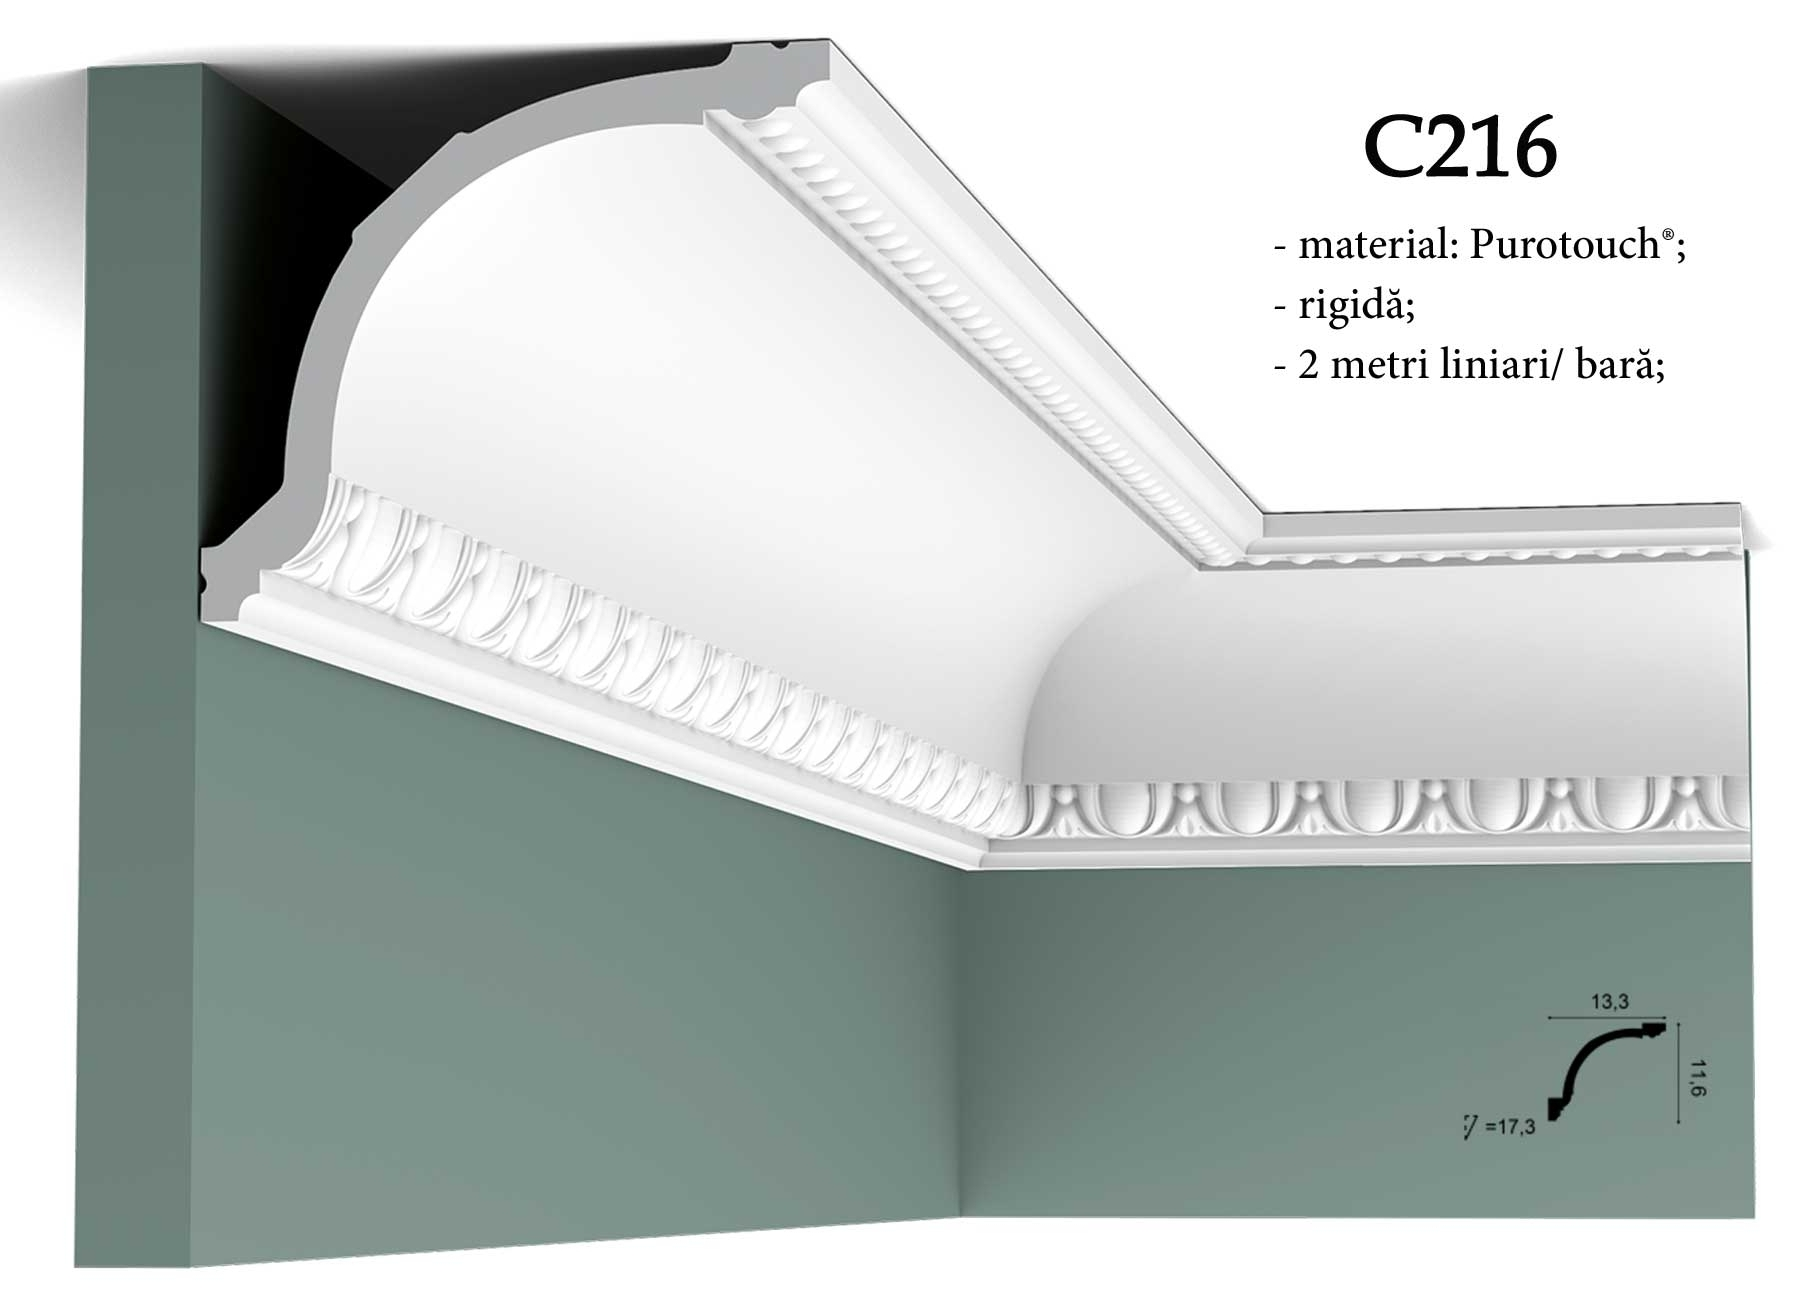 Cornisa pentru tavan Orac Decor C216